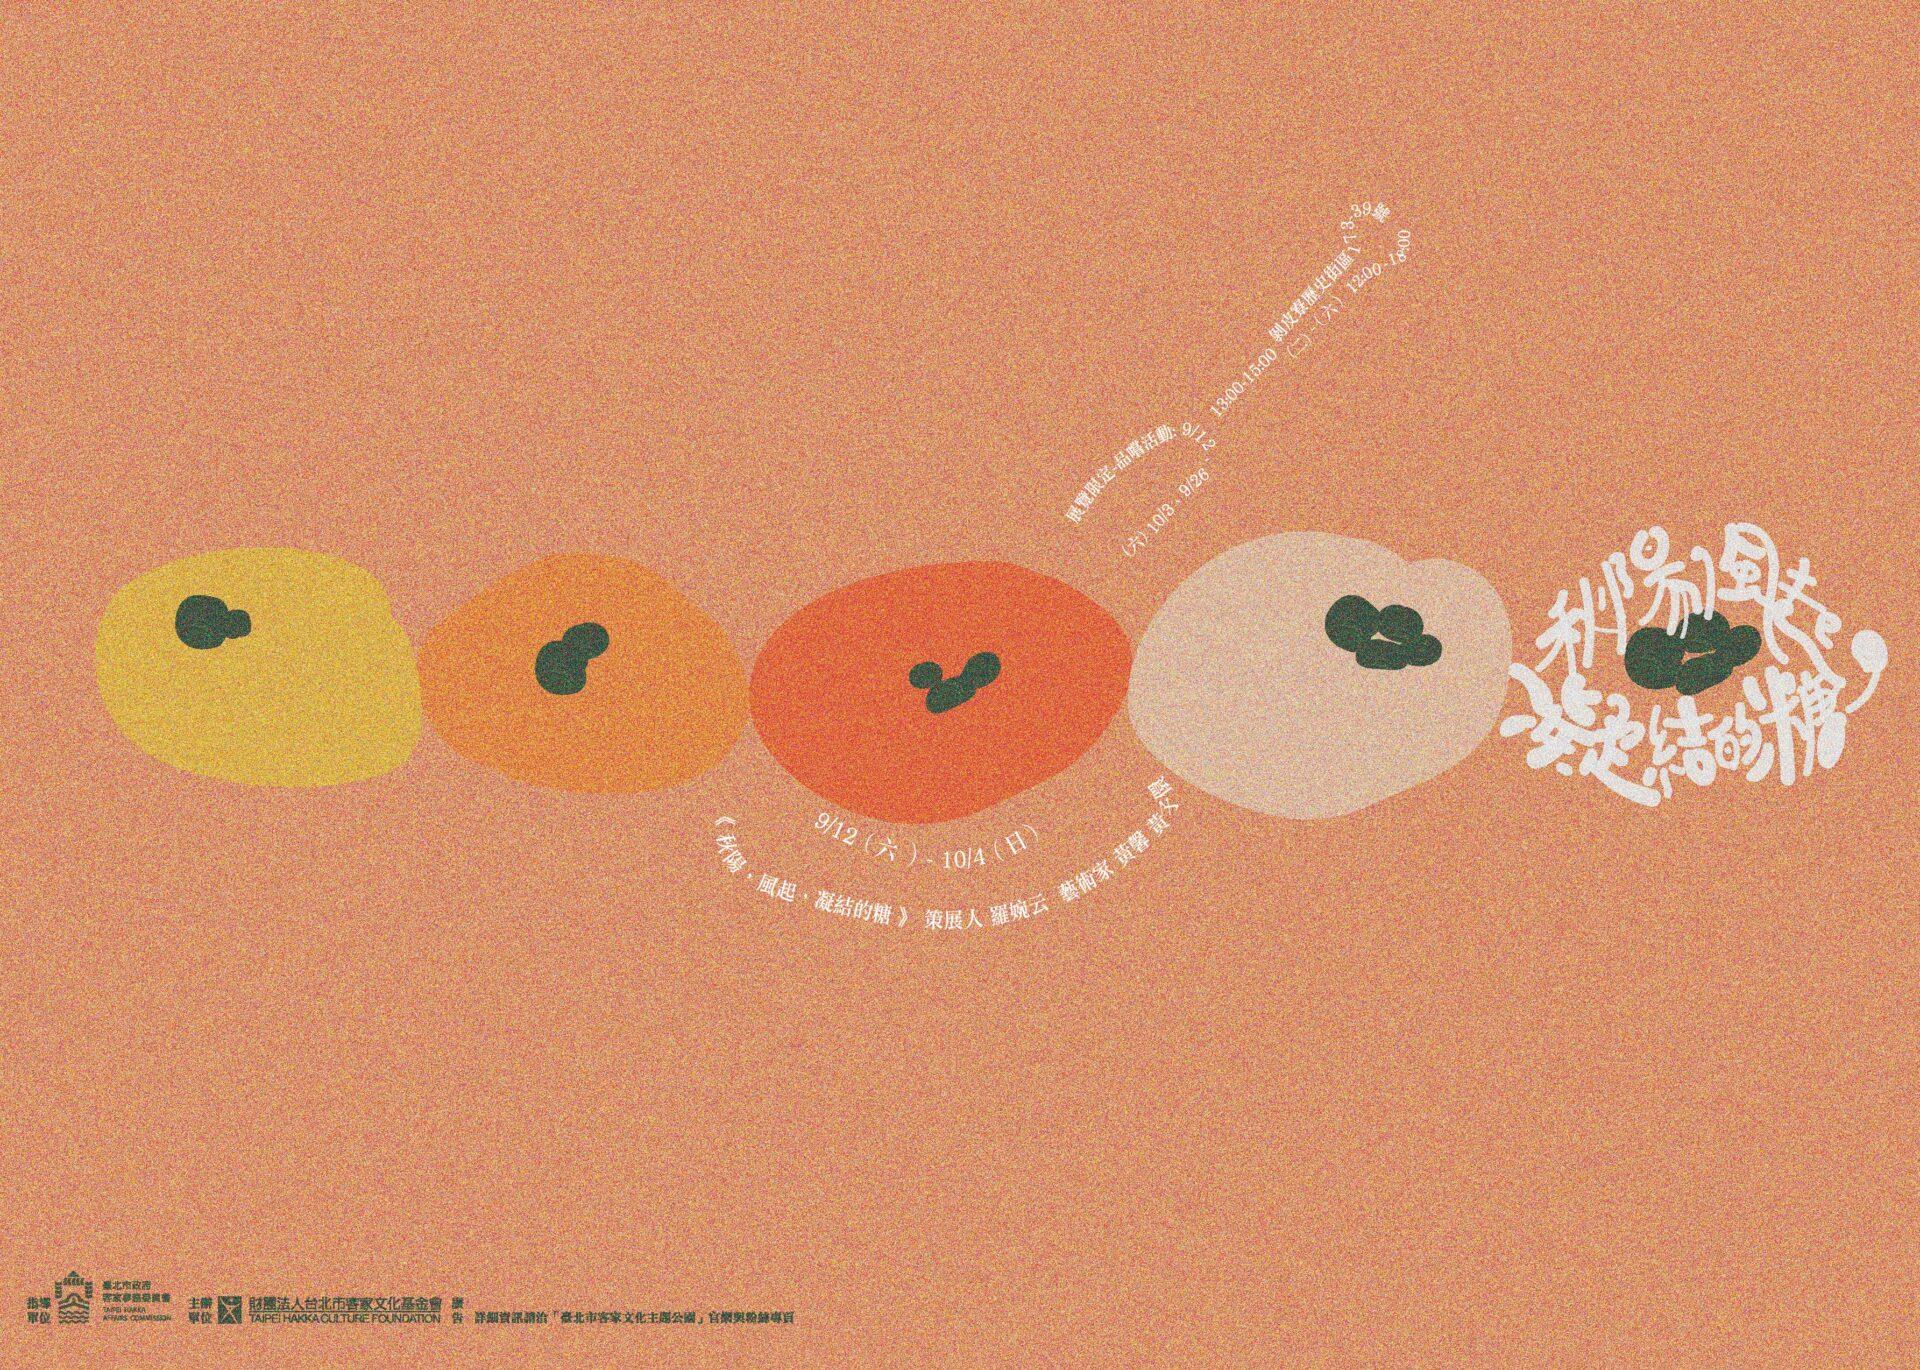 台北市客家文化基金會:2020/9/12-10/4【2020台北當代客家徵件展-秋陽,風起,凝結的糖】